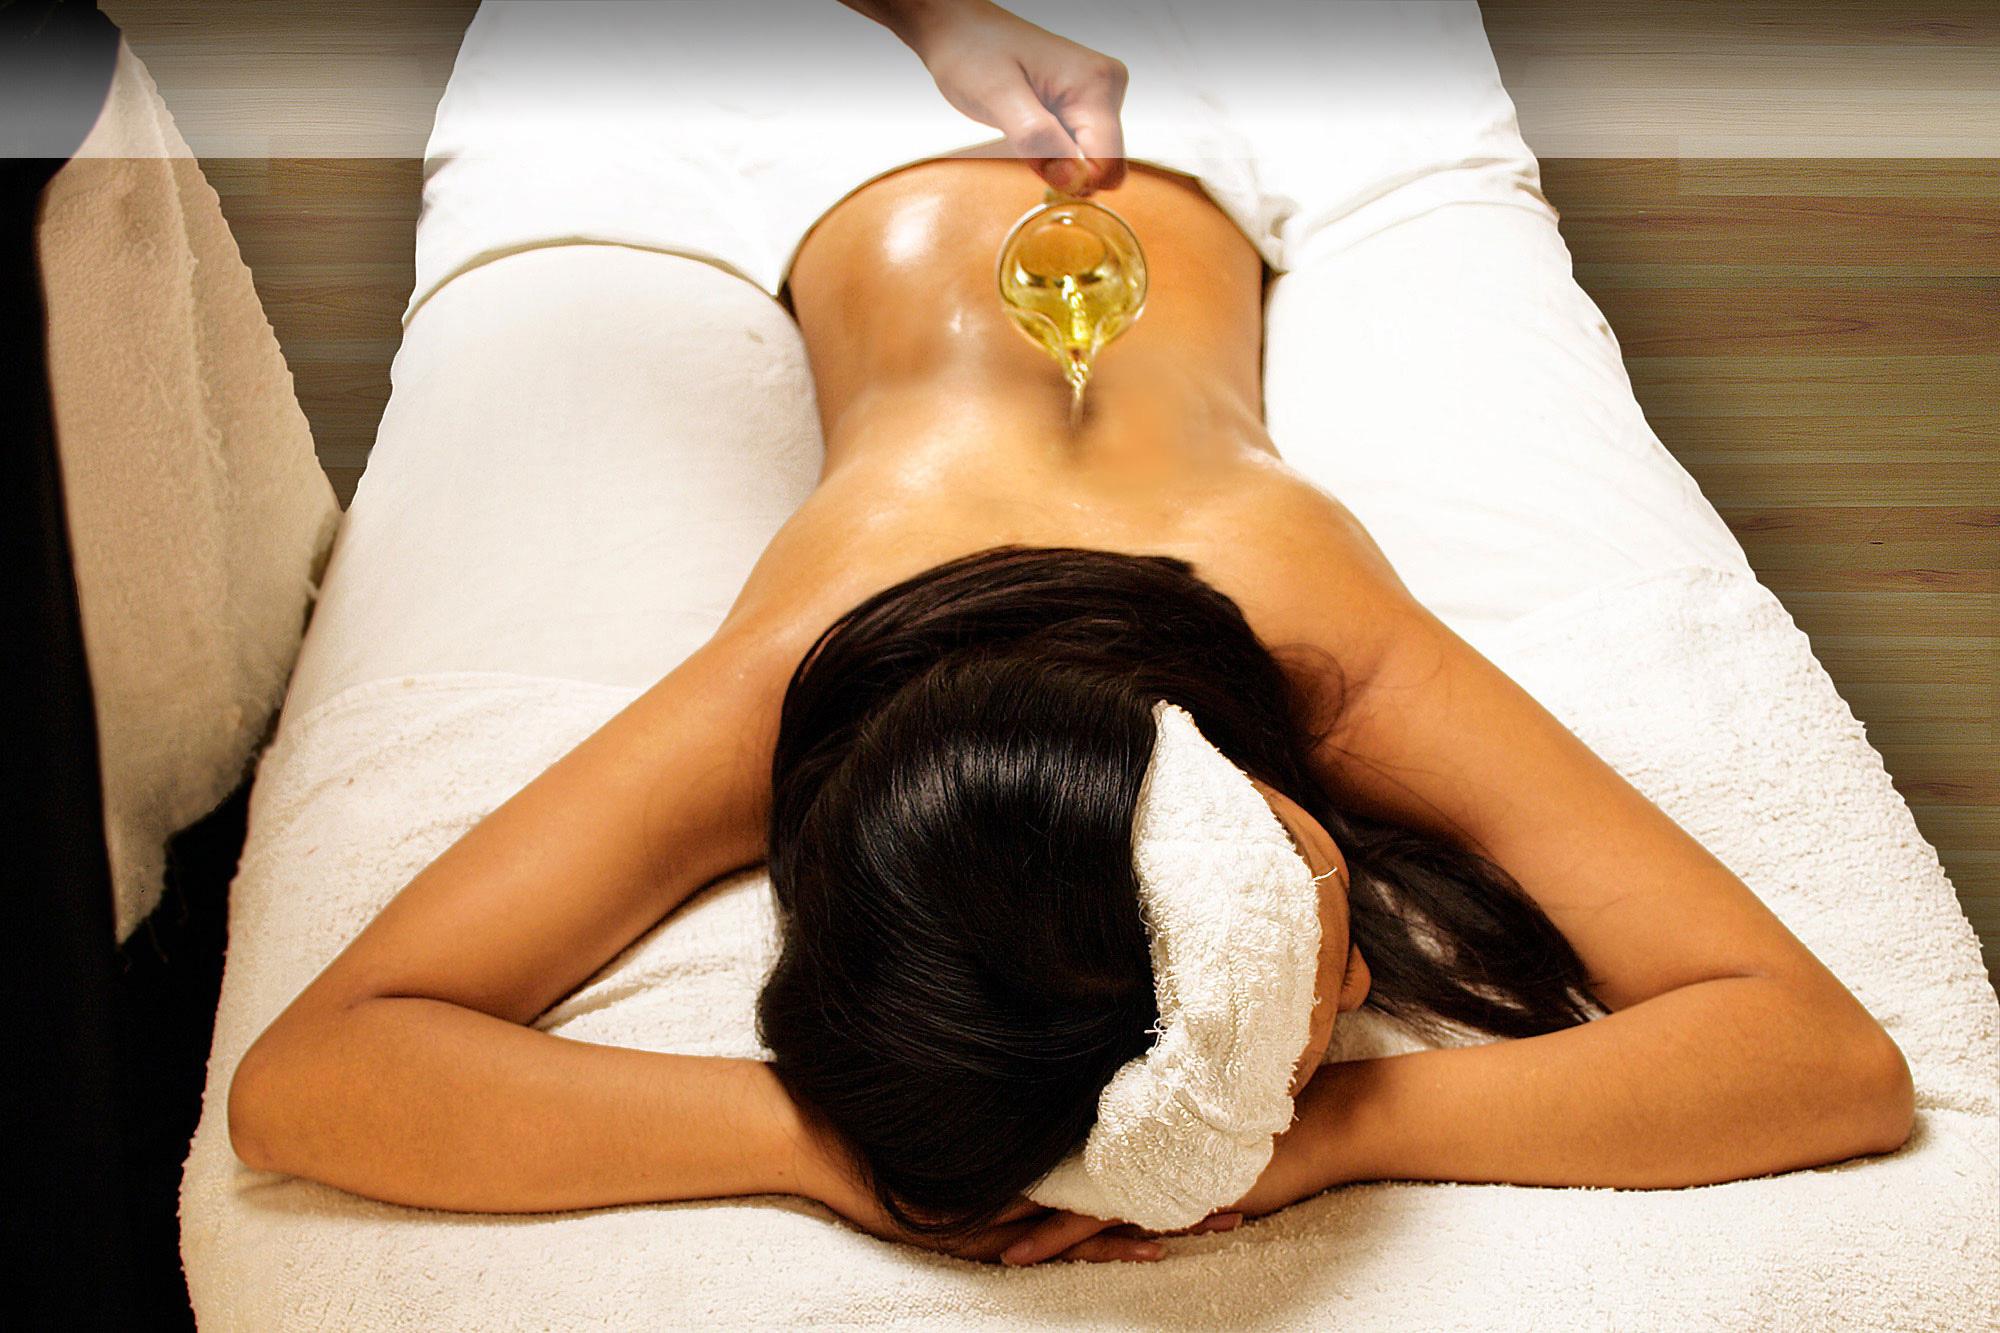 Тайский массаж для баб 8 фотография